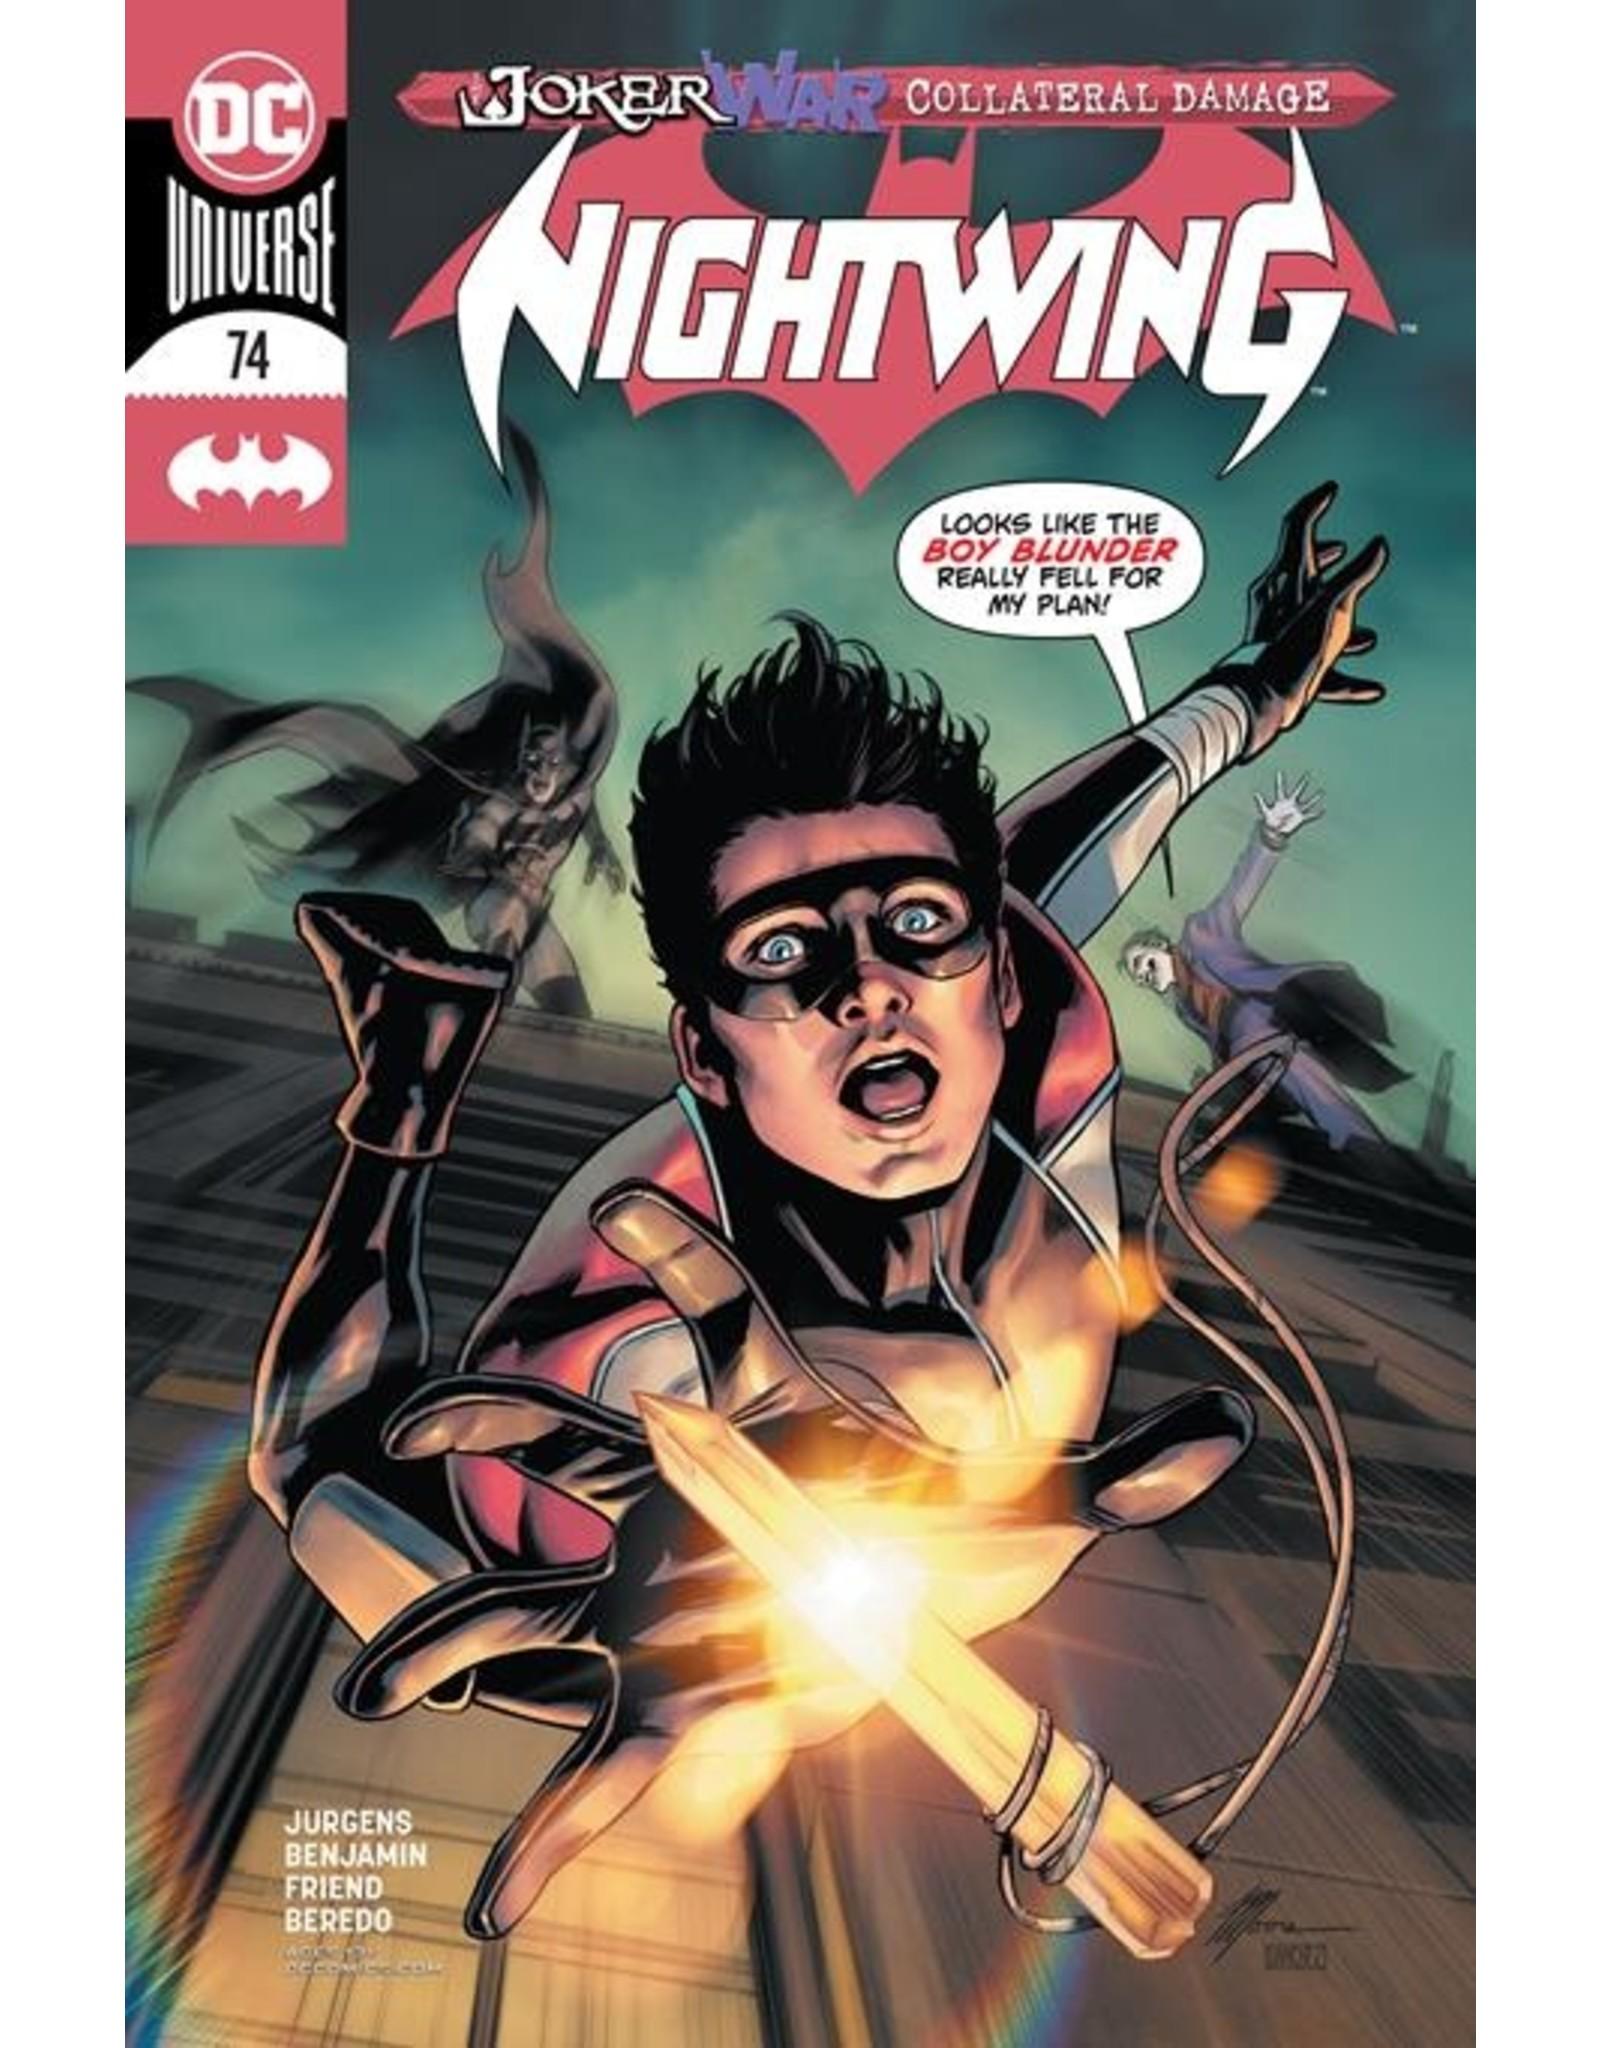 DC COMICS NIGHTWING #74 CVR A TRAVIS MOORE (JOKER WAR)